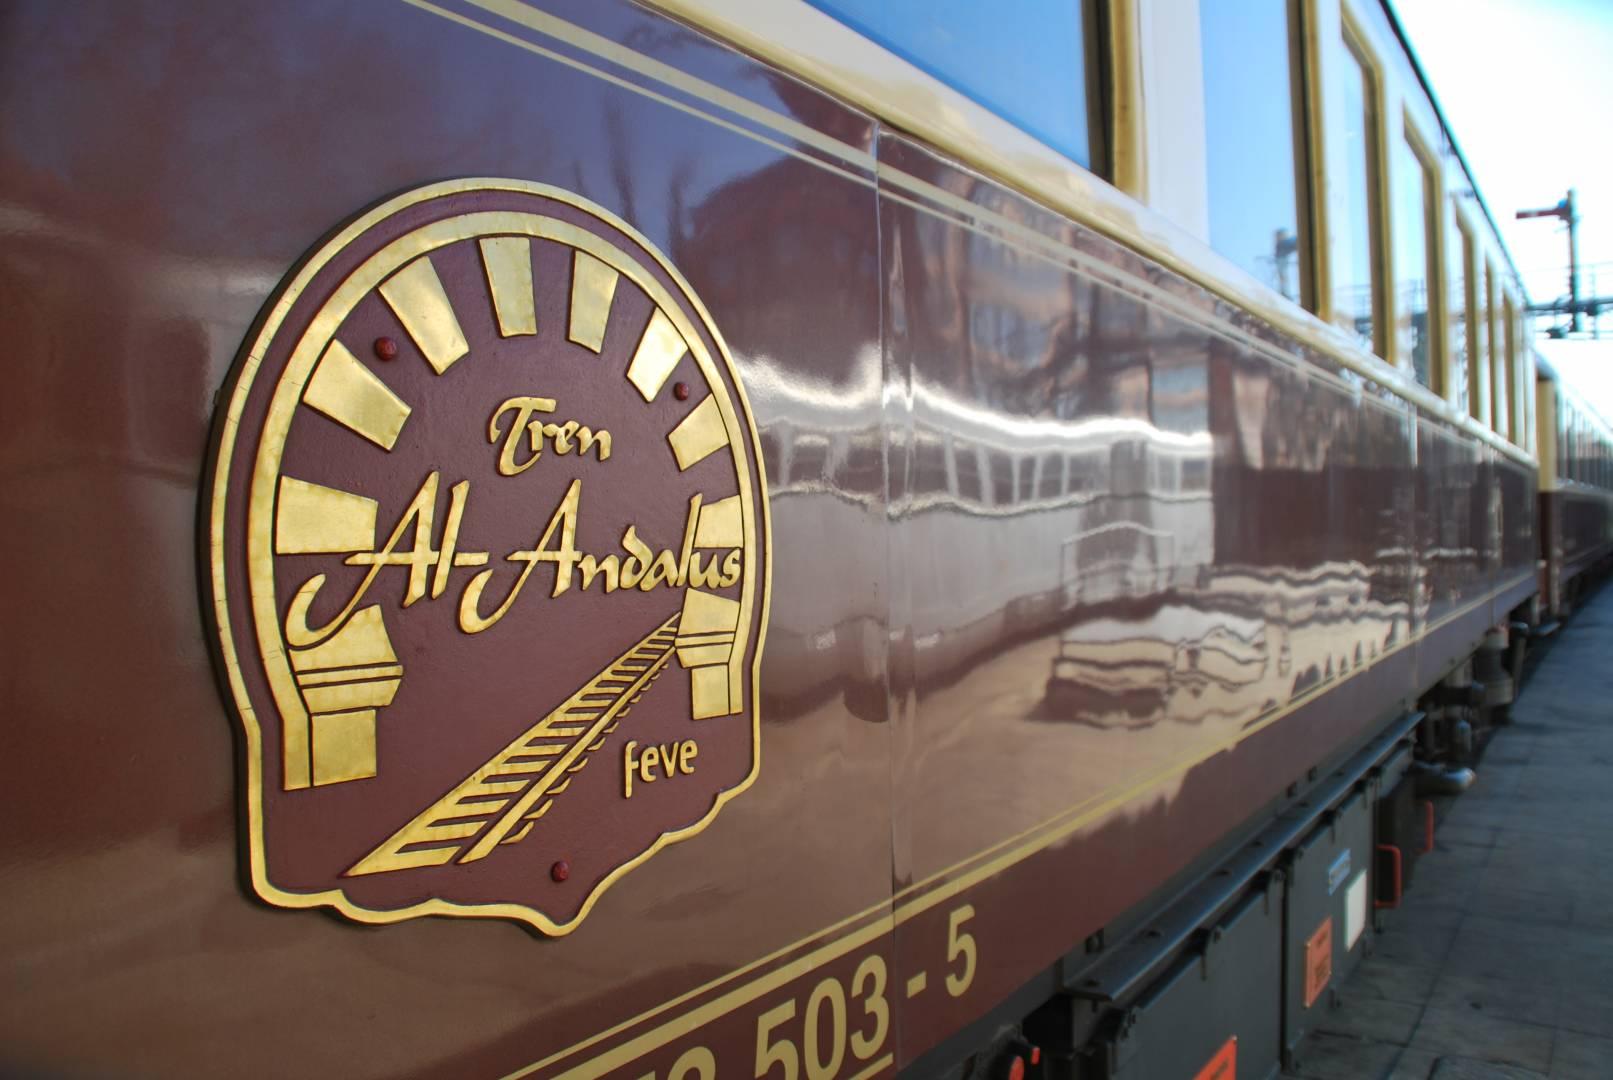 Reflejo del automotor 9404 de la colección del Museo del Ferrocarril junto a la placa de uno de los coches. Foto: Alberto de Juan.